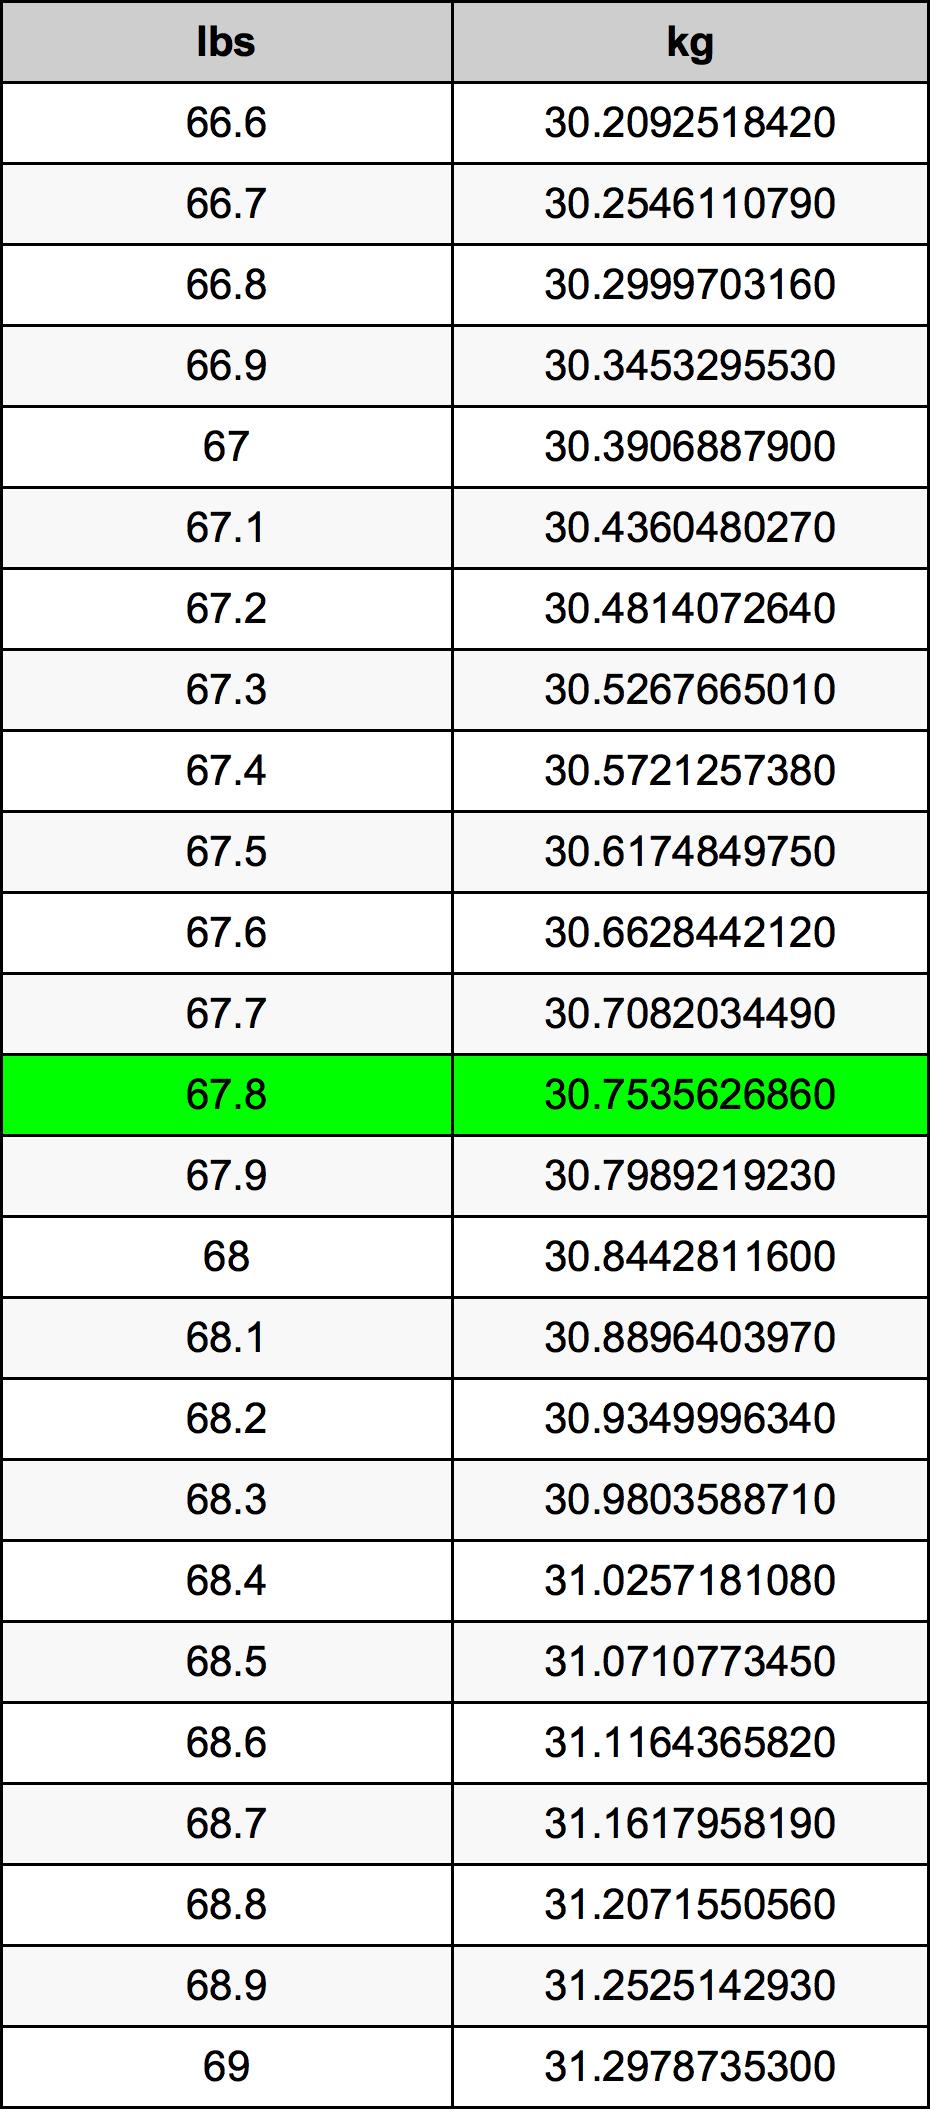 67.8 livră tabelul de conversie